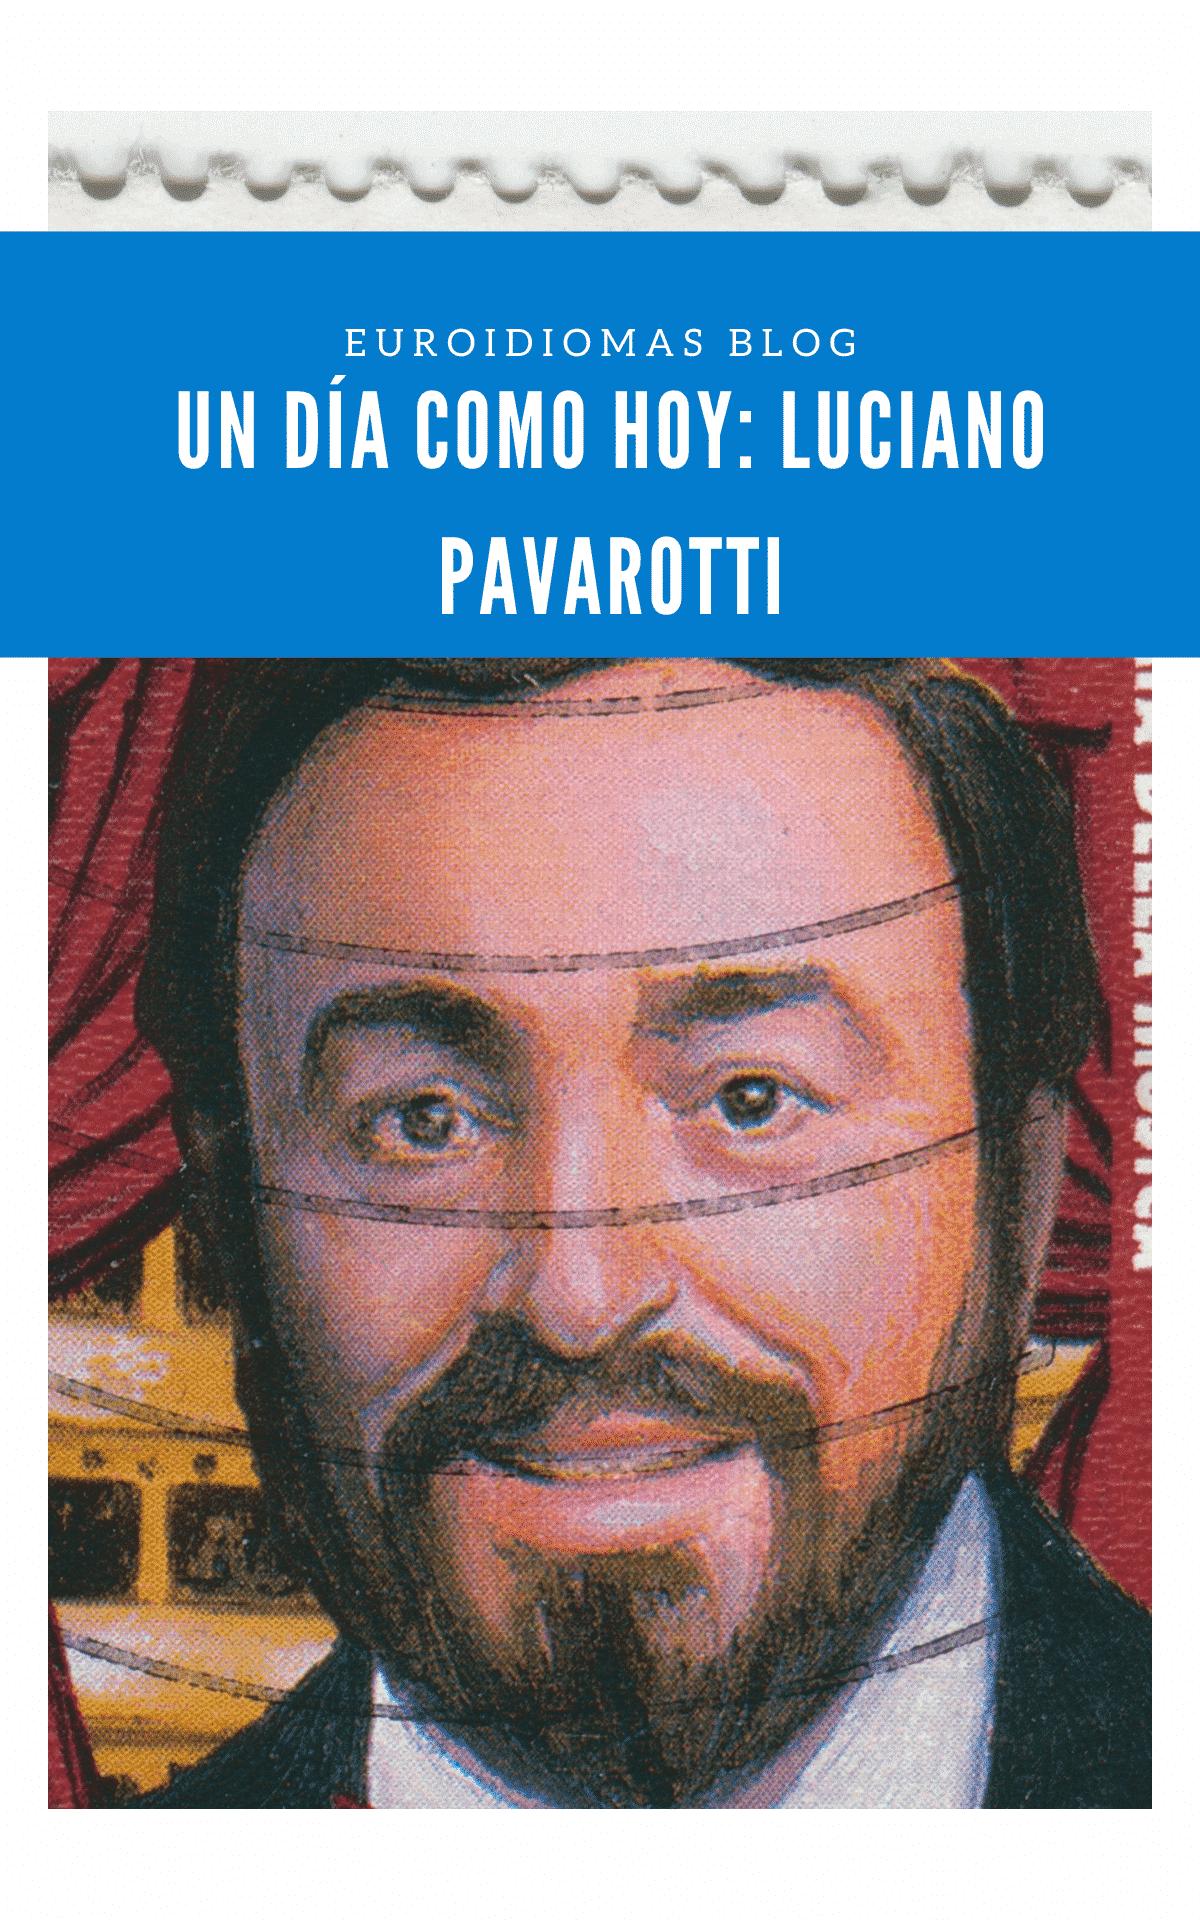 Un día como hoy: Luciano Pavarotti